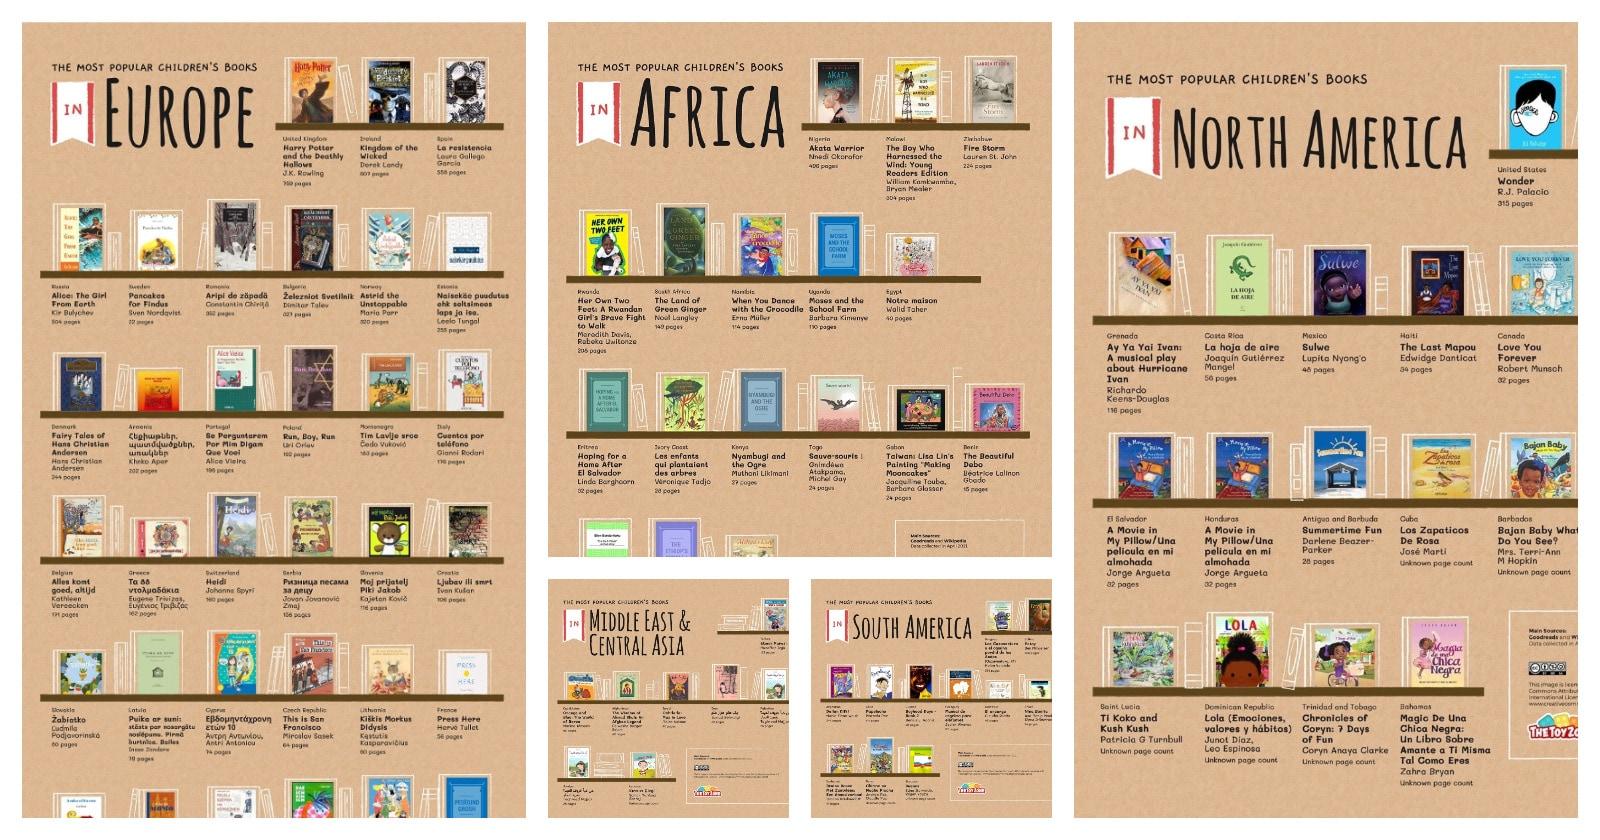 Most read children's books around the world